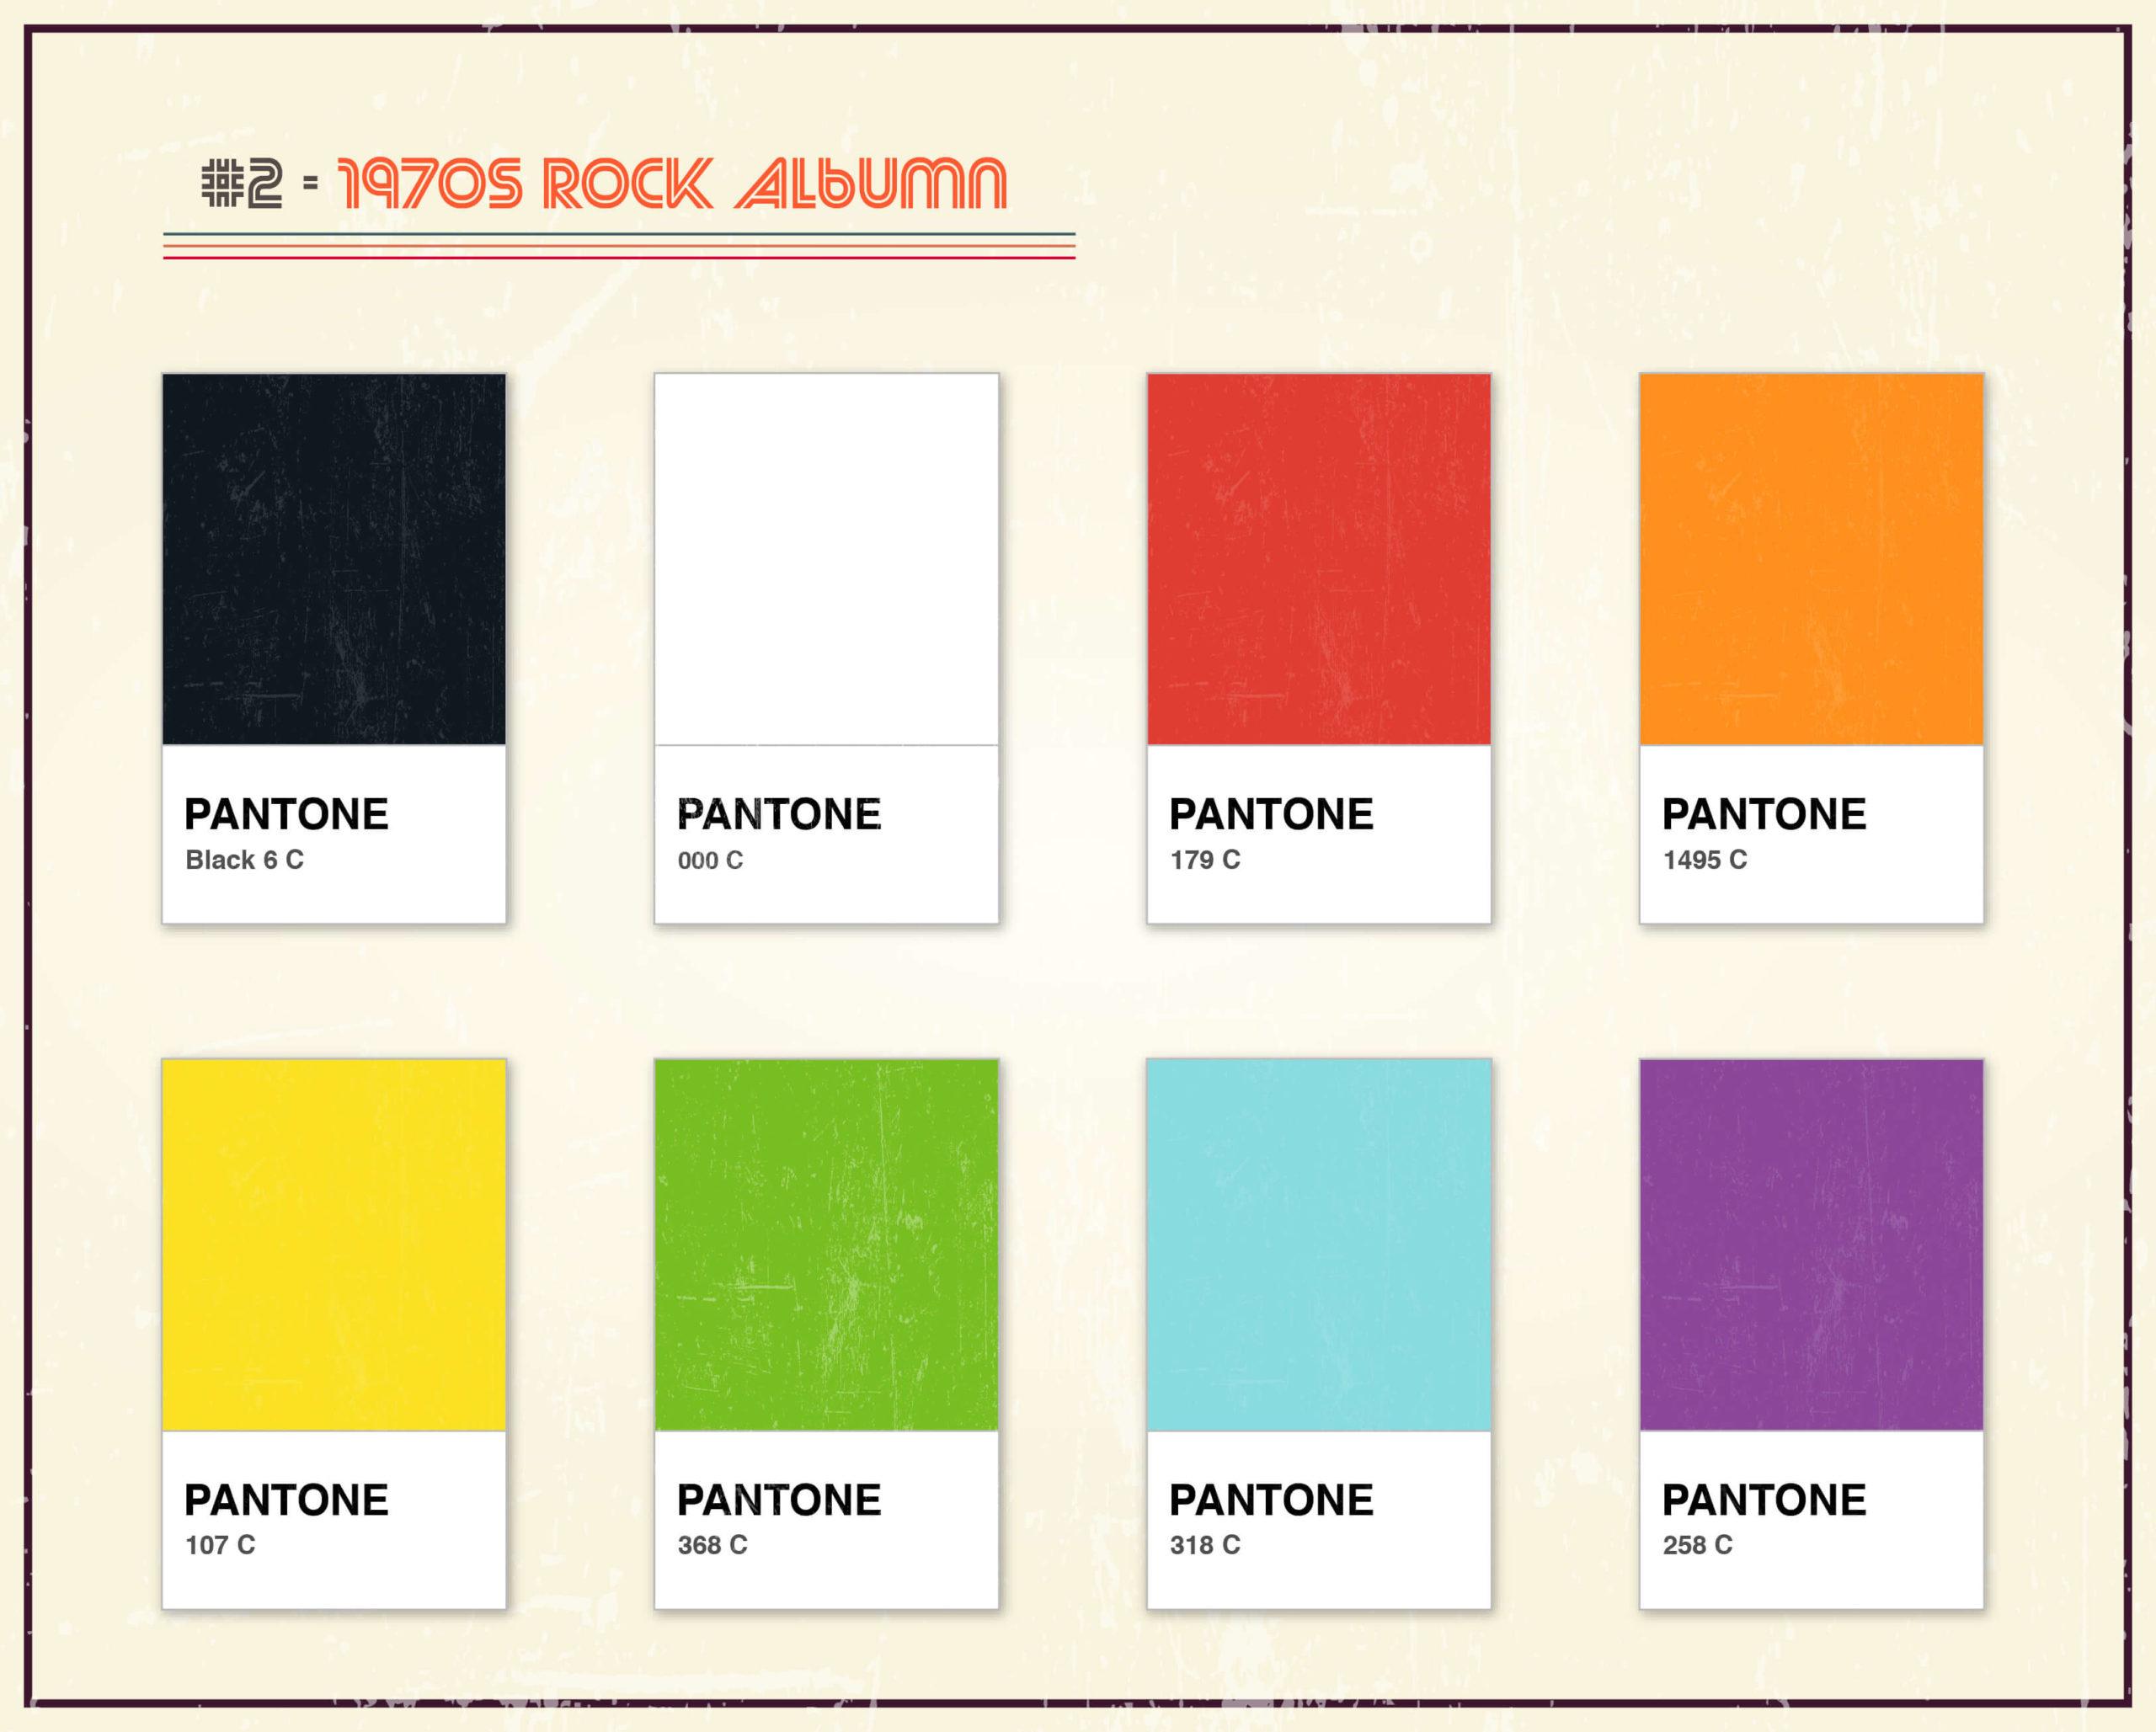 Album Artwork As Pantone: Famous Album Covers Without Text Quiz_2